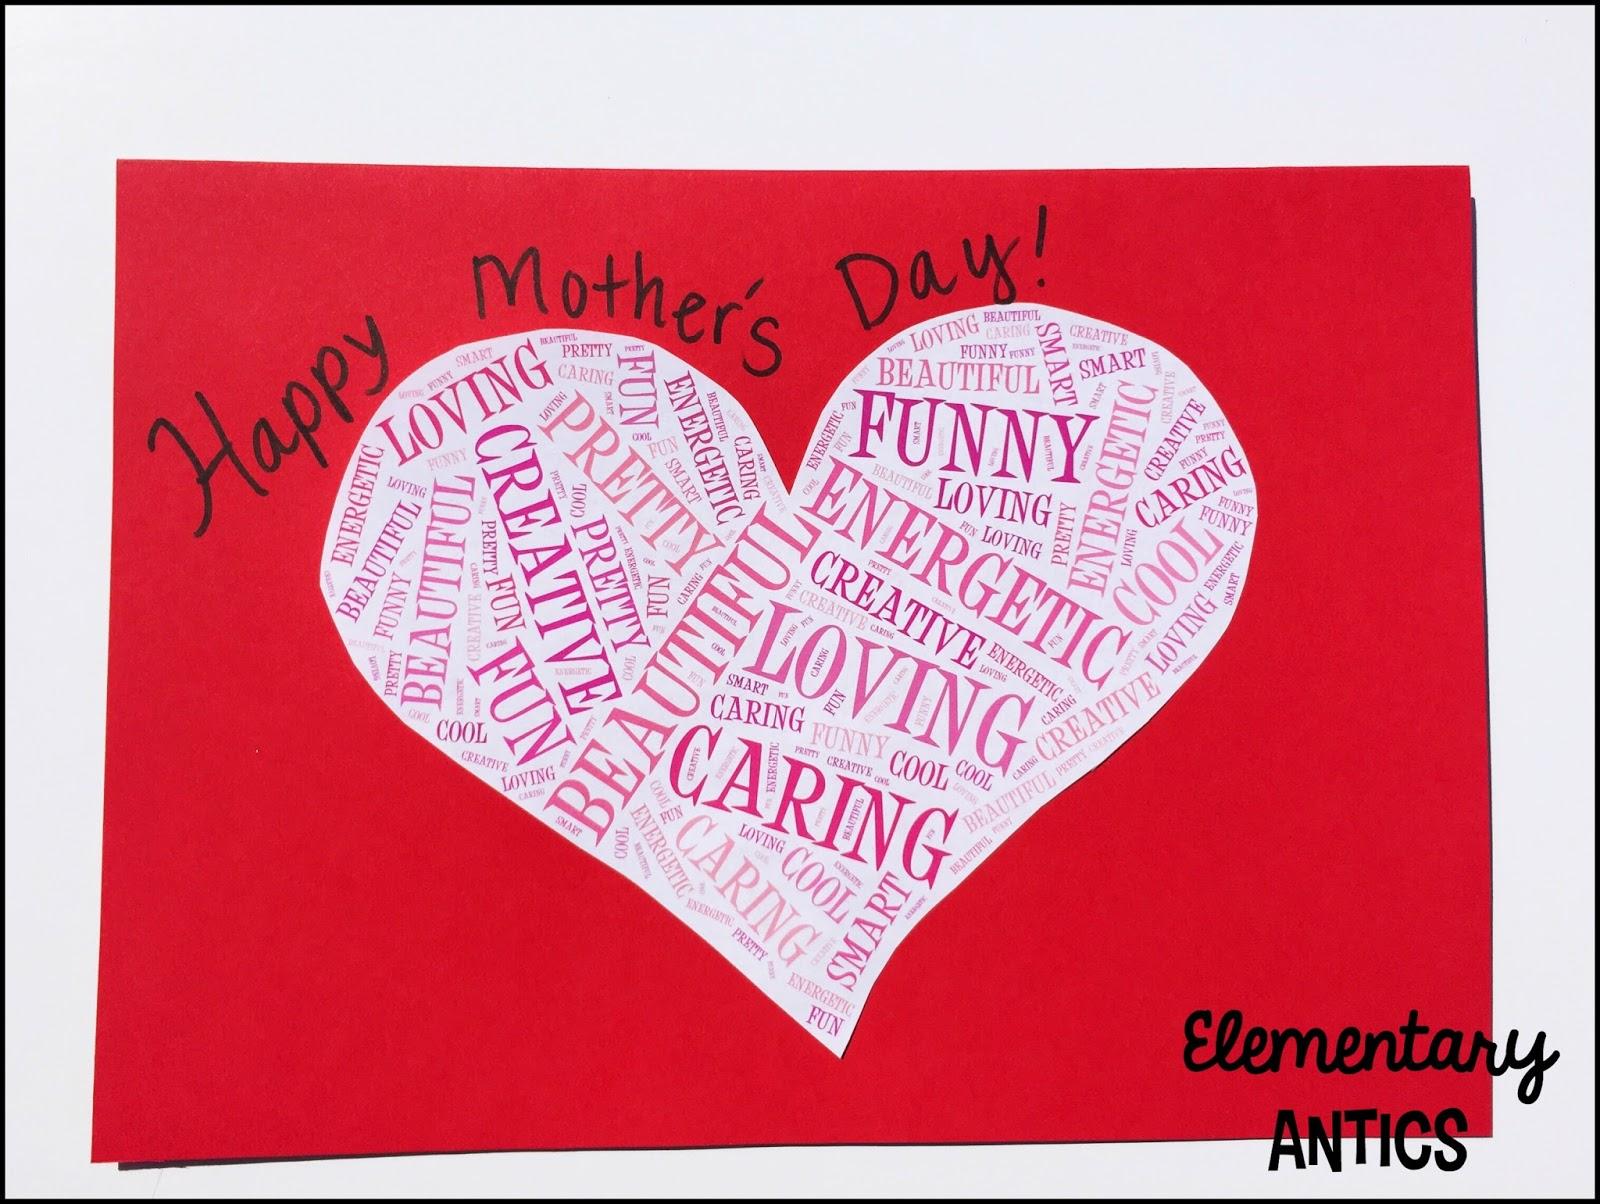 Mothers Day Card Wordles Using Tagxedo Elementary Antics